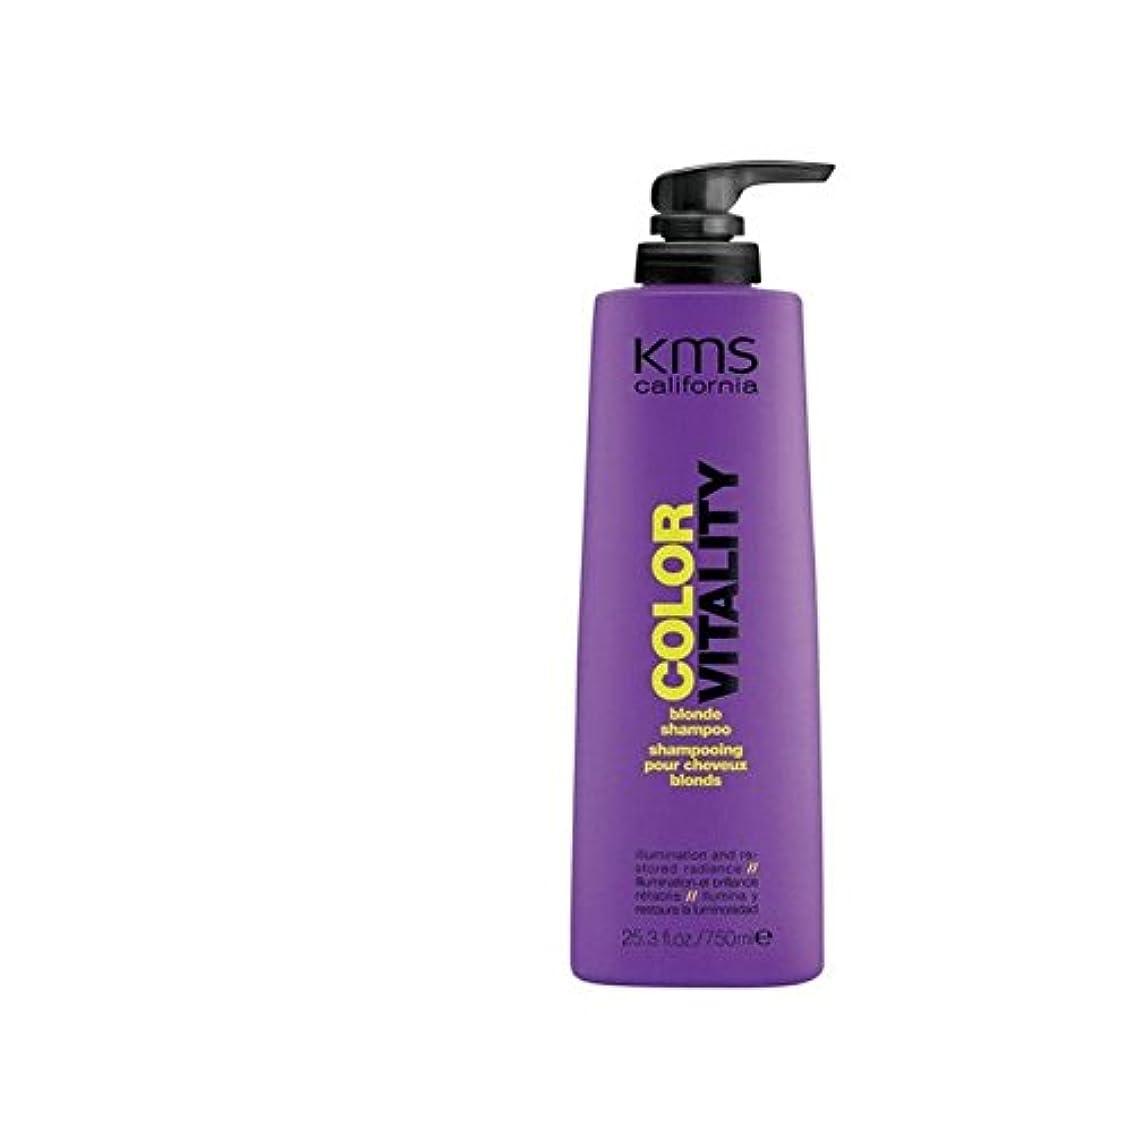 とは異なり受信機偏差カリフォルニアブロンドシャンプー - スーパーサイズ(750ミリリットル) x2 - Kms California Colorvitality Blonde Shampoo - Supersize (750ml) (Pack of 2) [並行輸入品]